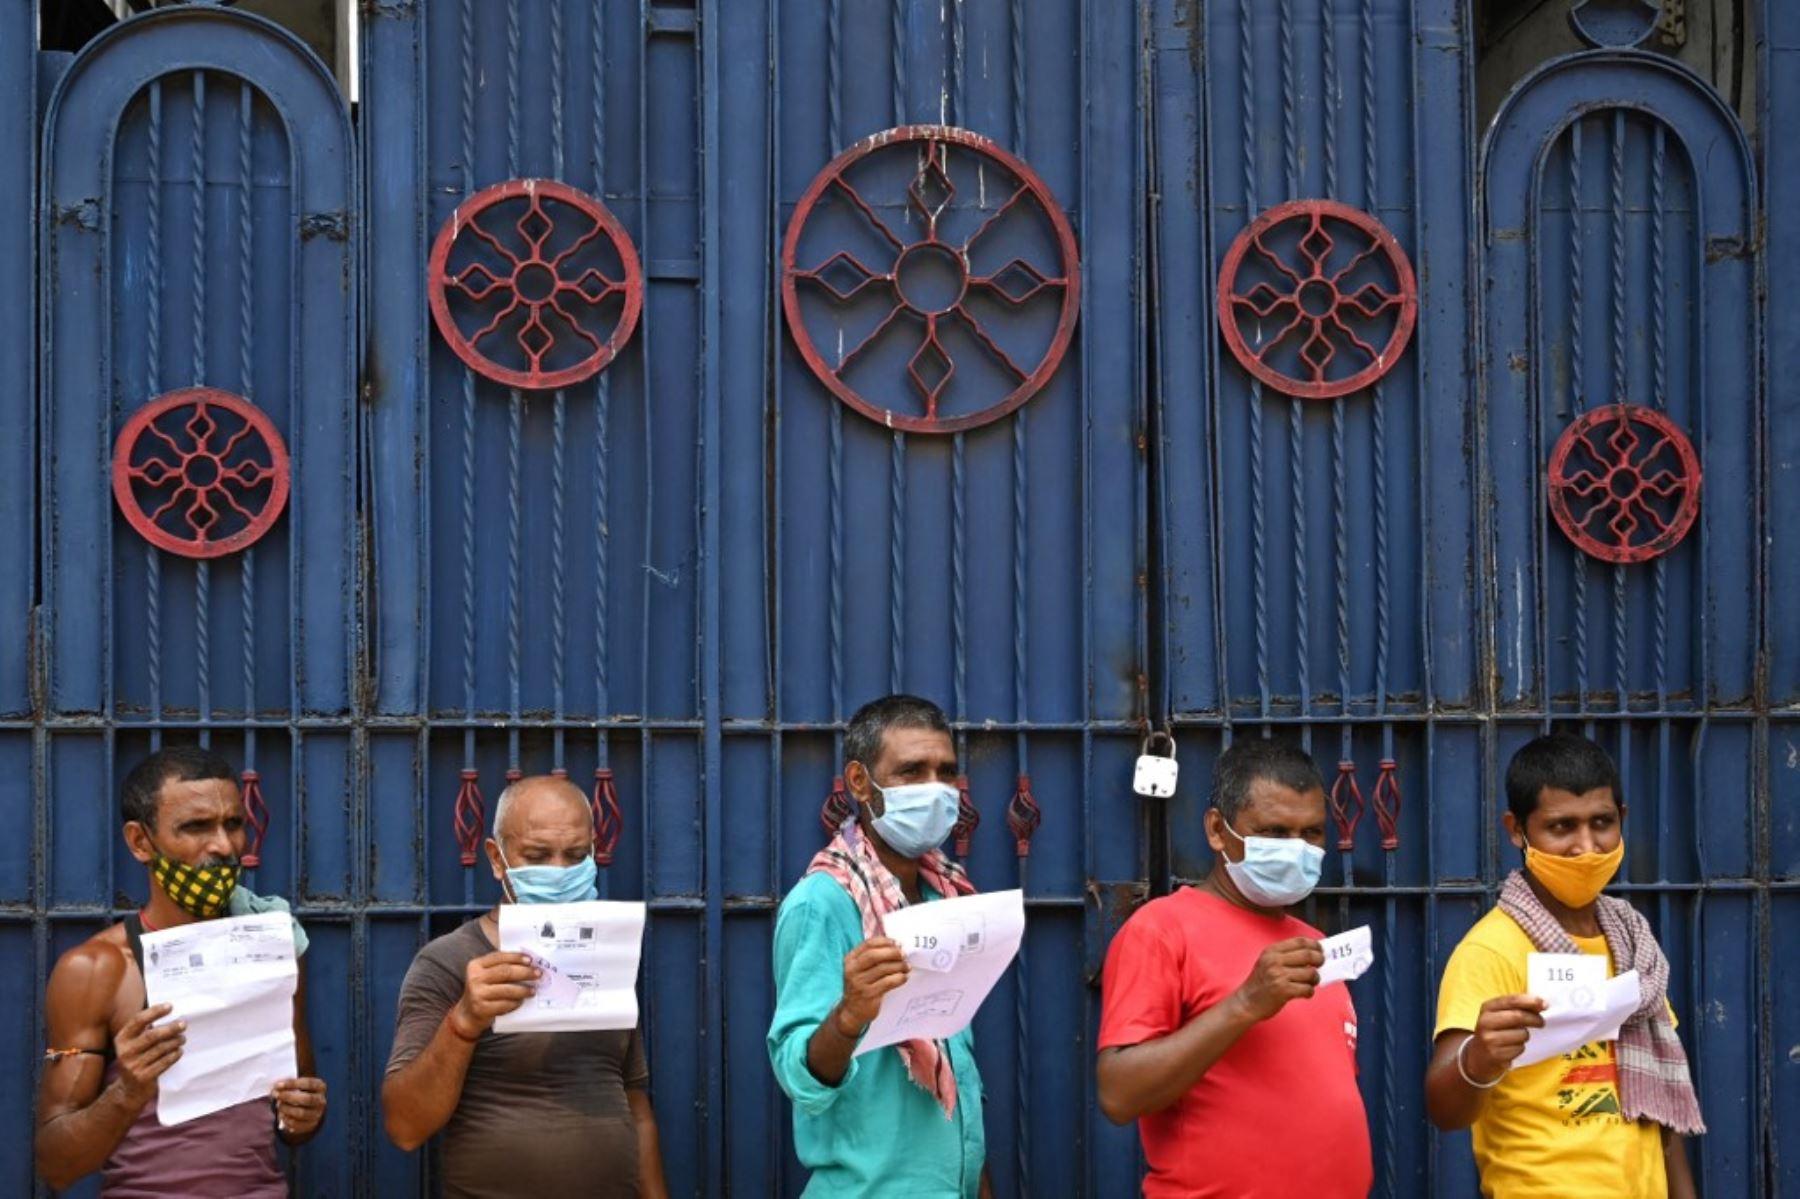 Los trabajadores sostienen documentos mientras esperan su turno para recibir la primera dosis de la vacuna Covishield contra el coronavirus Covid-19 en un autobús de pasajeros convertido en un centro de vacunación móvil en un mercado mayorista en Calcuta. Foto: AFP